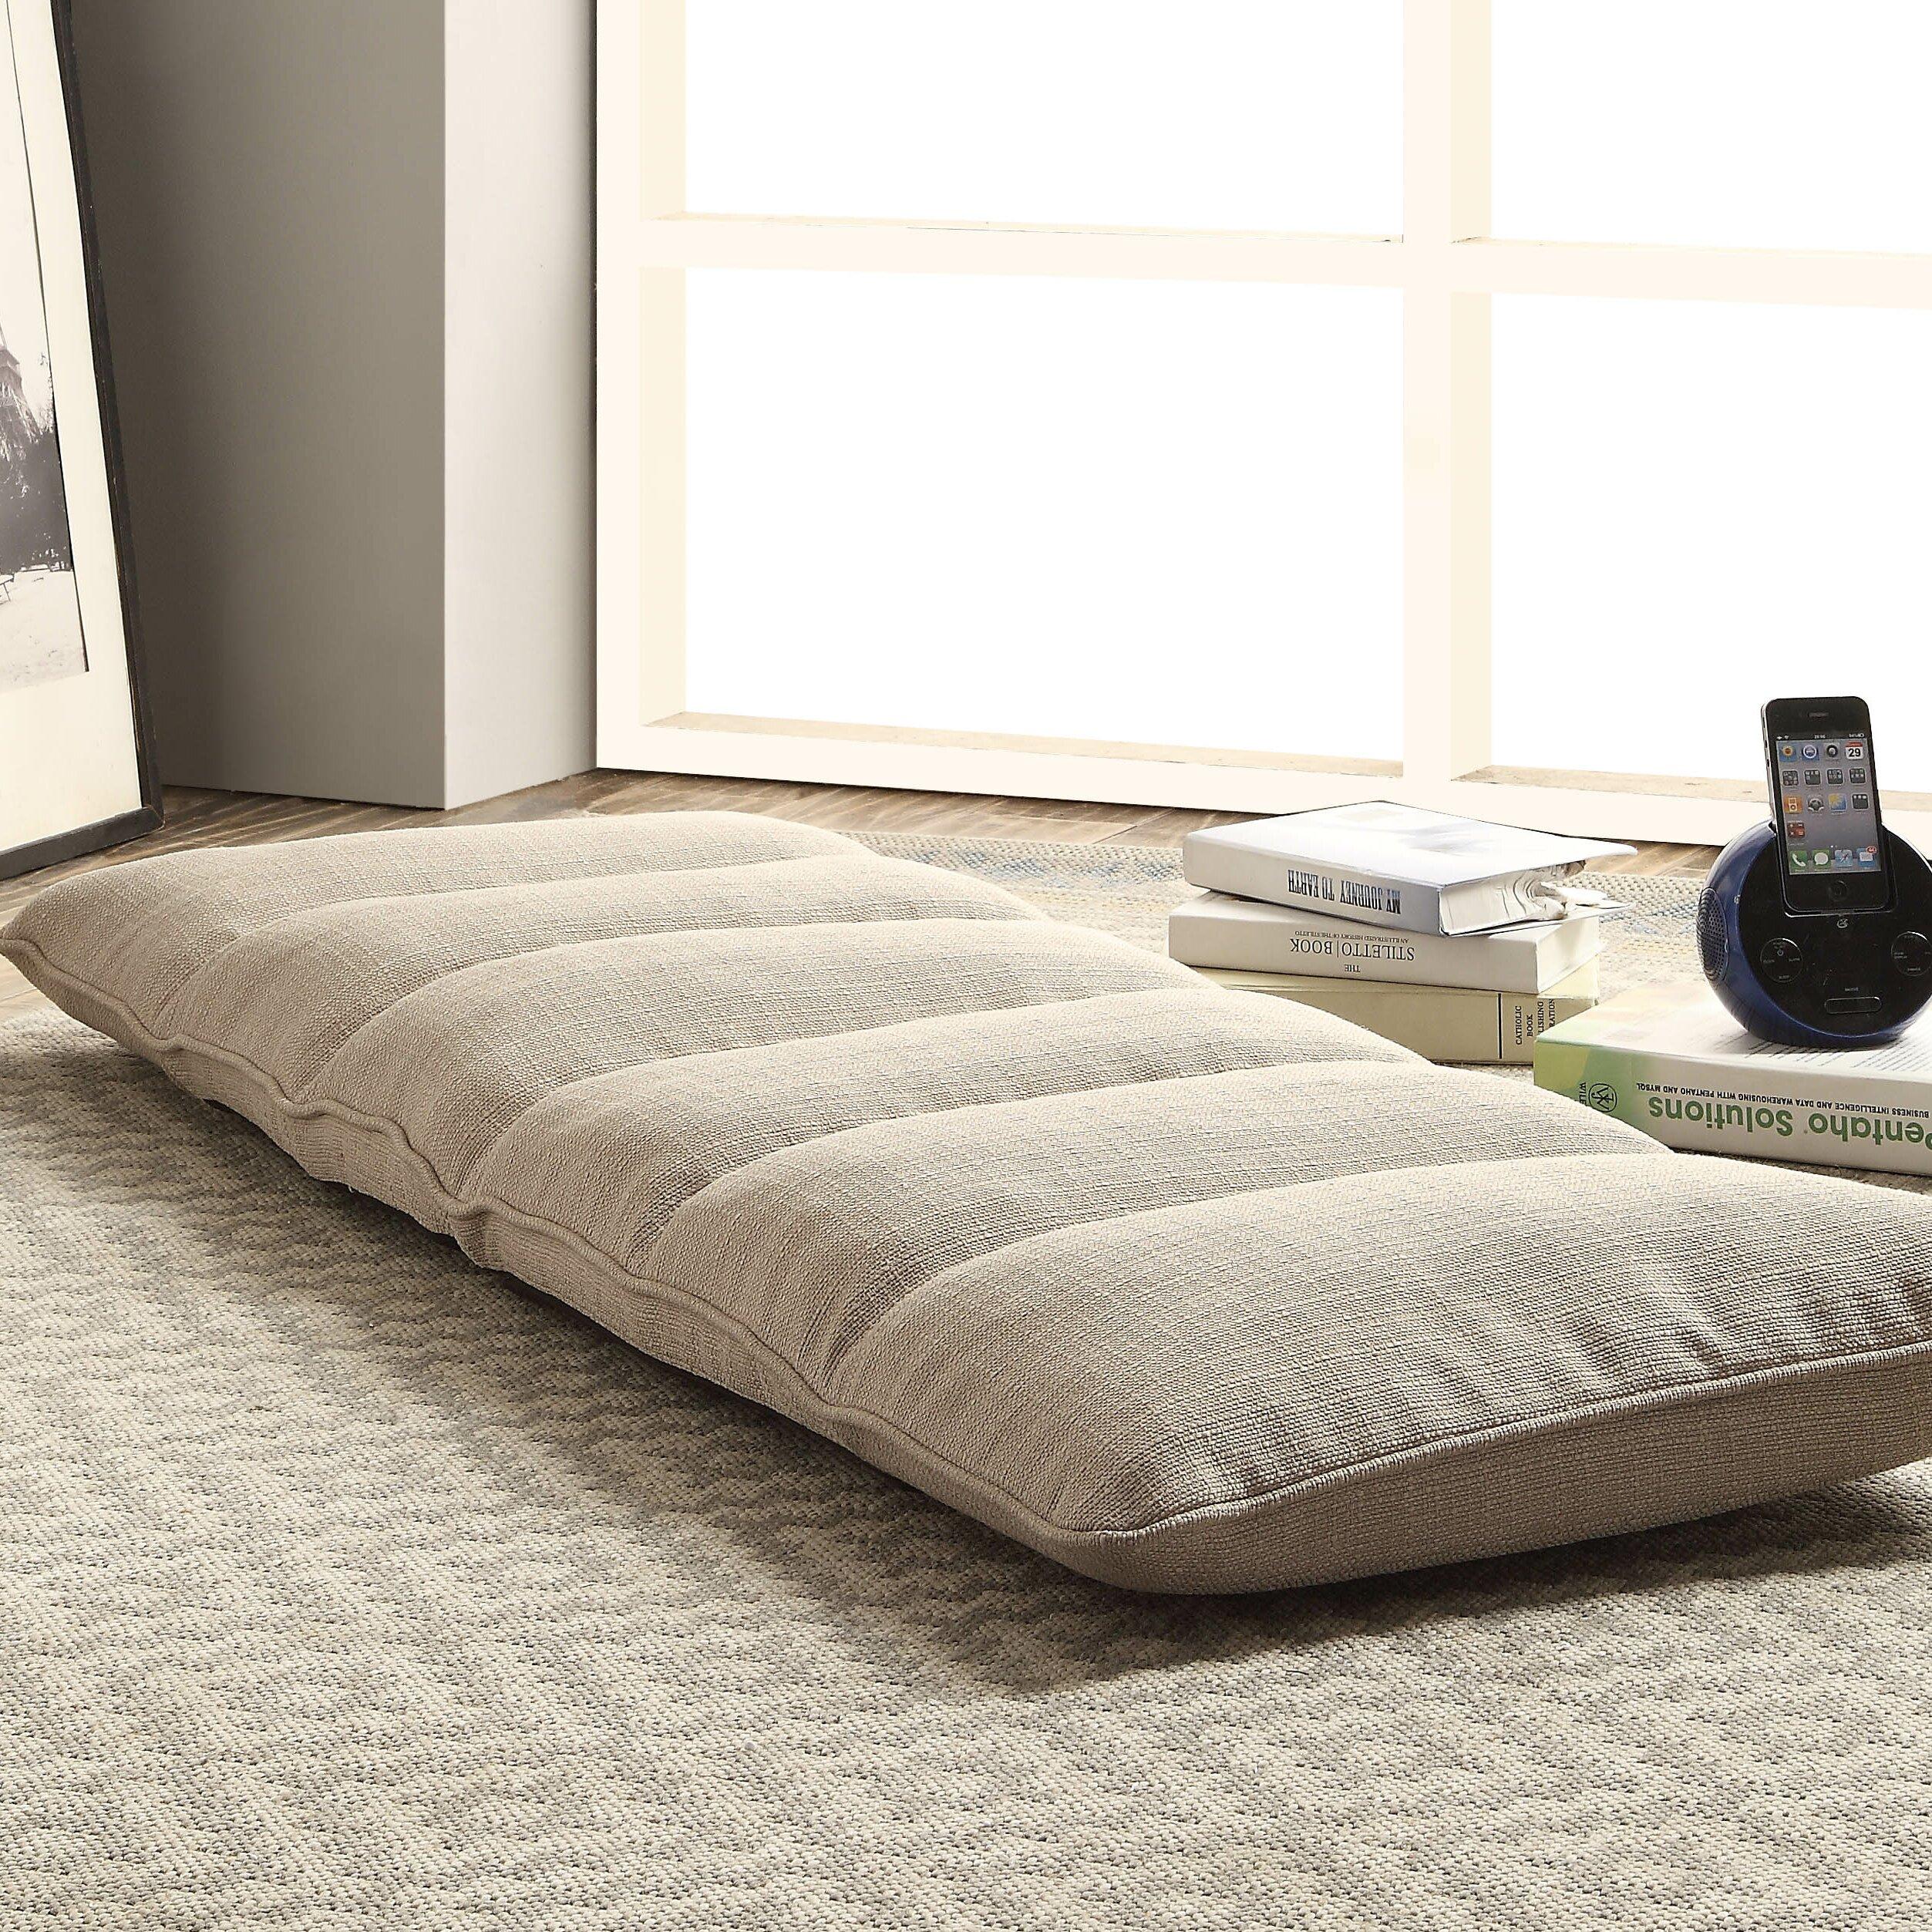 Morris Bedroom Furniture Acme Furniture Morris Gaming Floor Chair Reviews Wayfairca